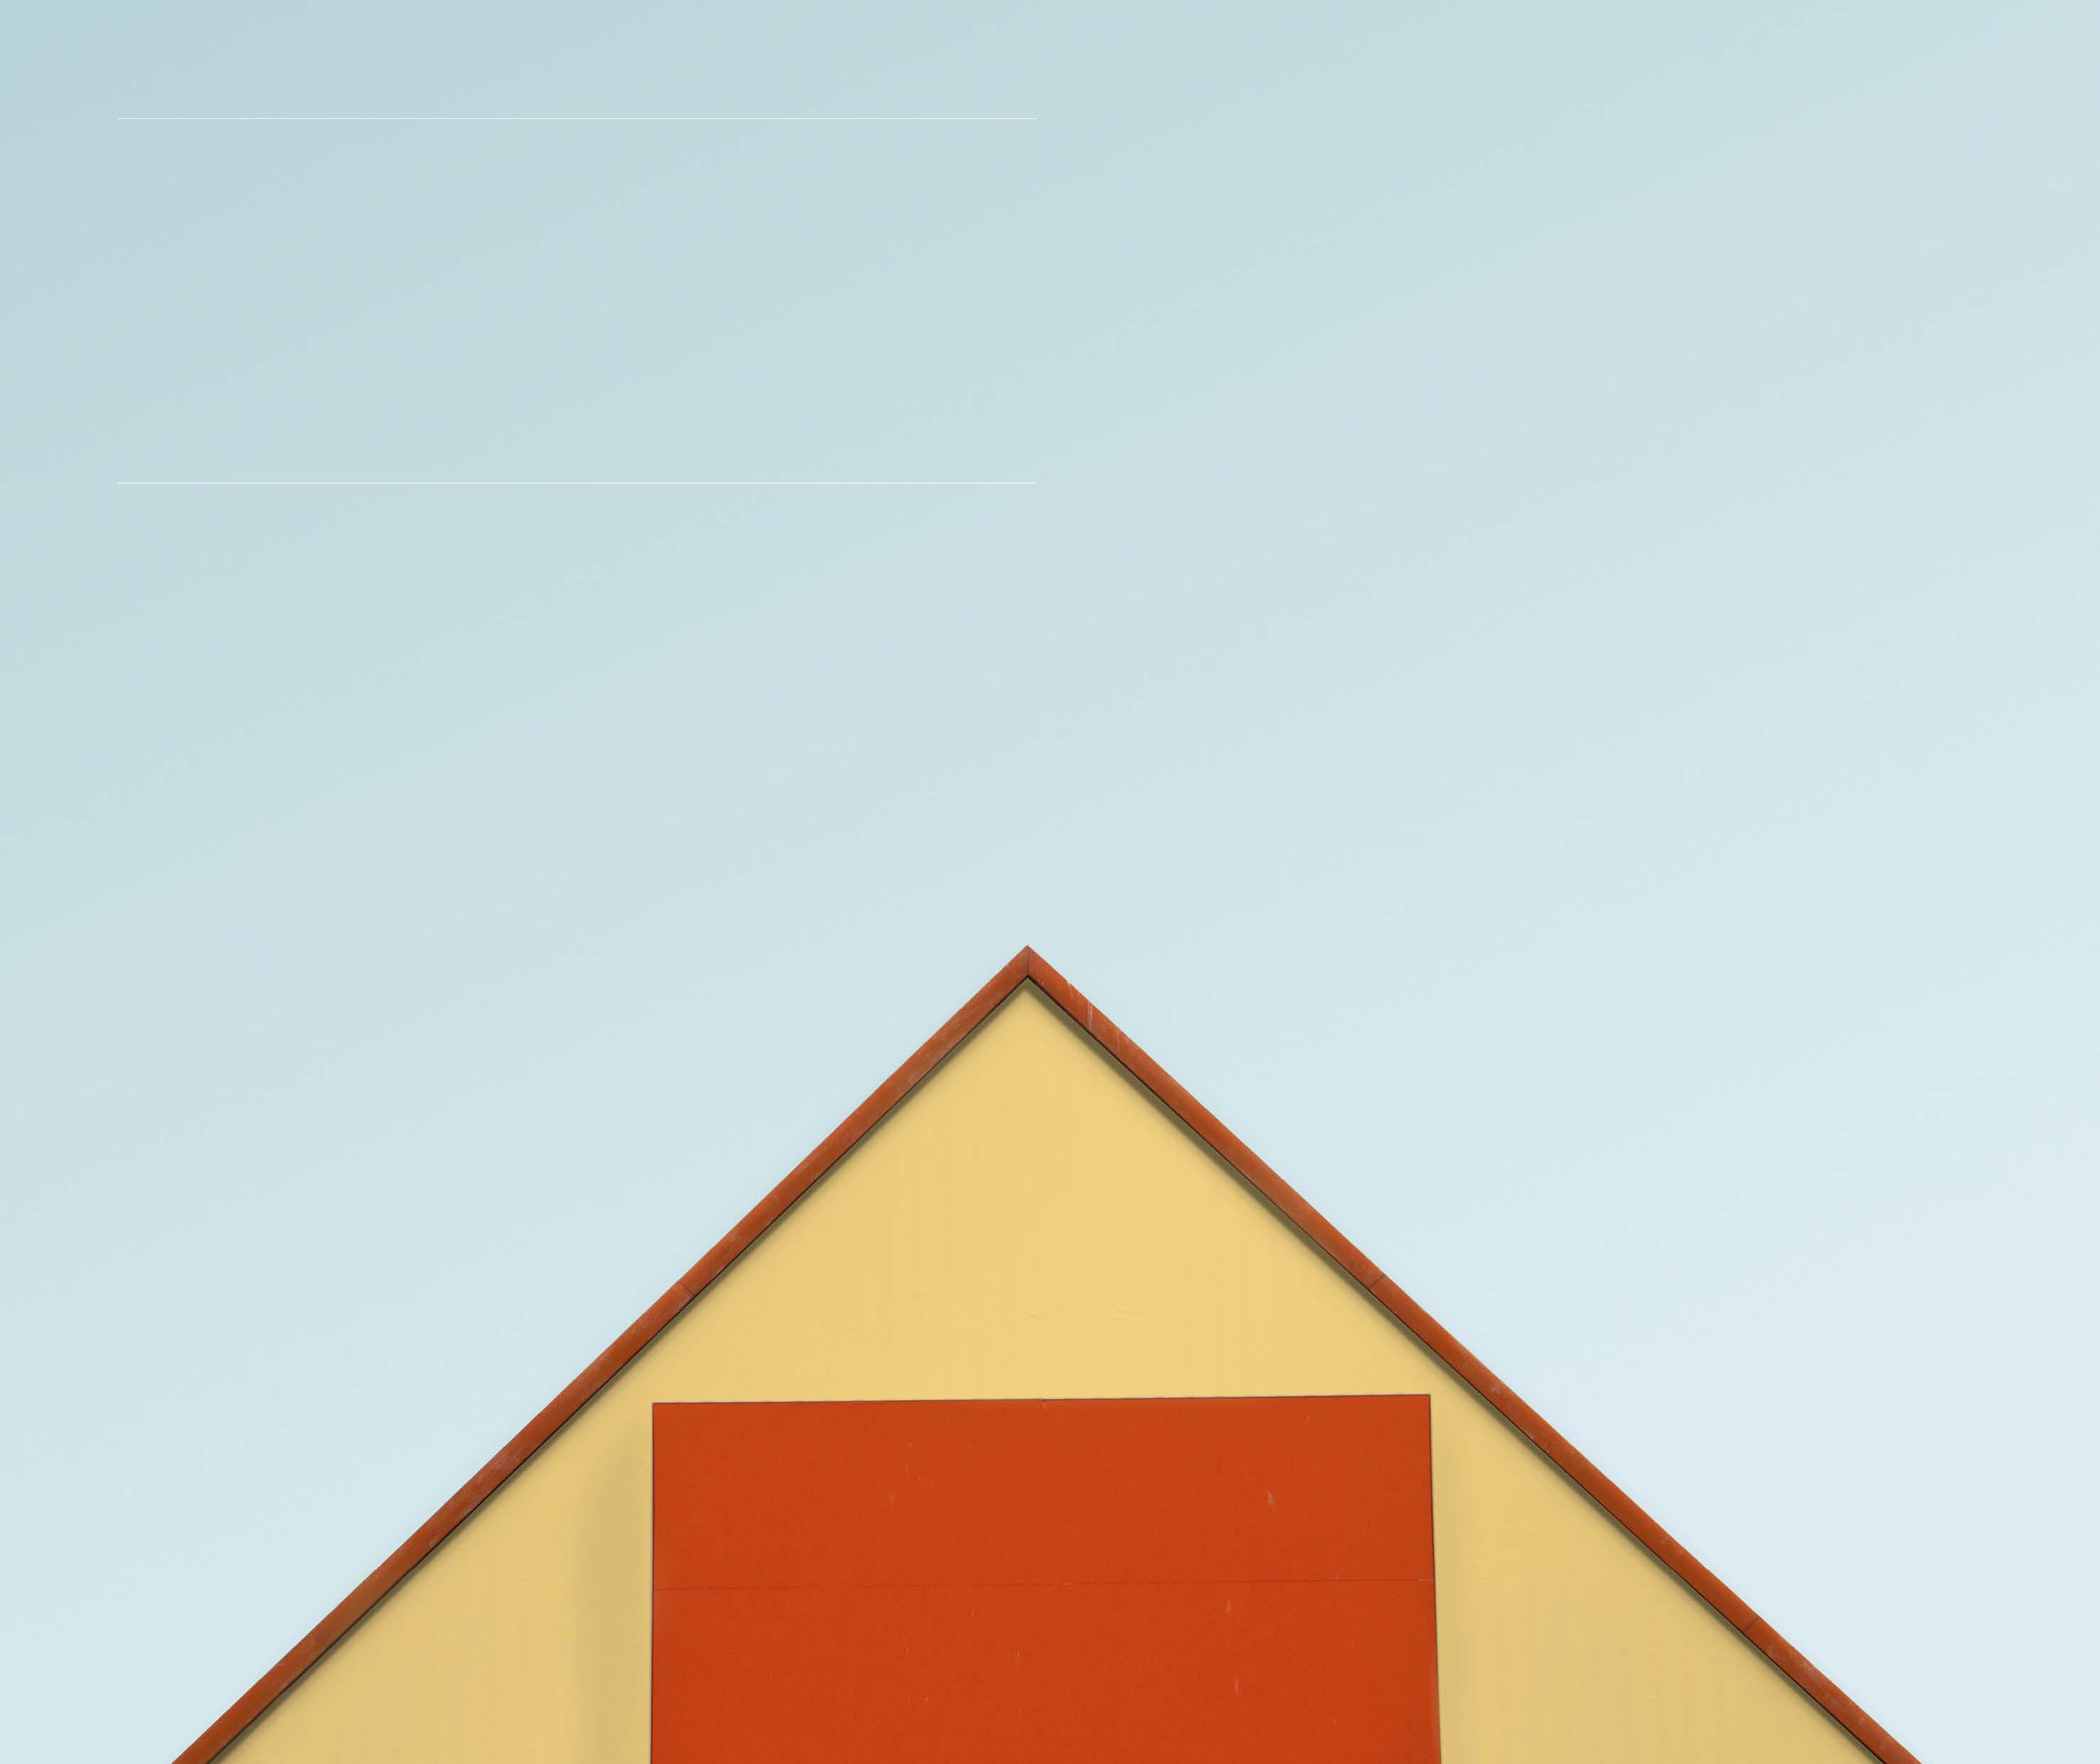 El consumidor de recubrimientos en España 2018